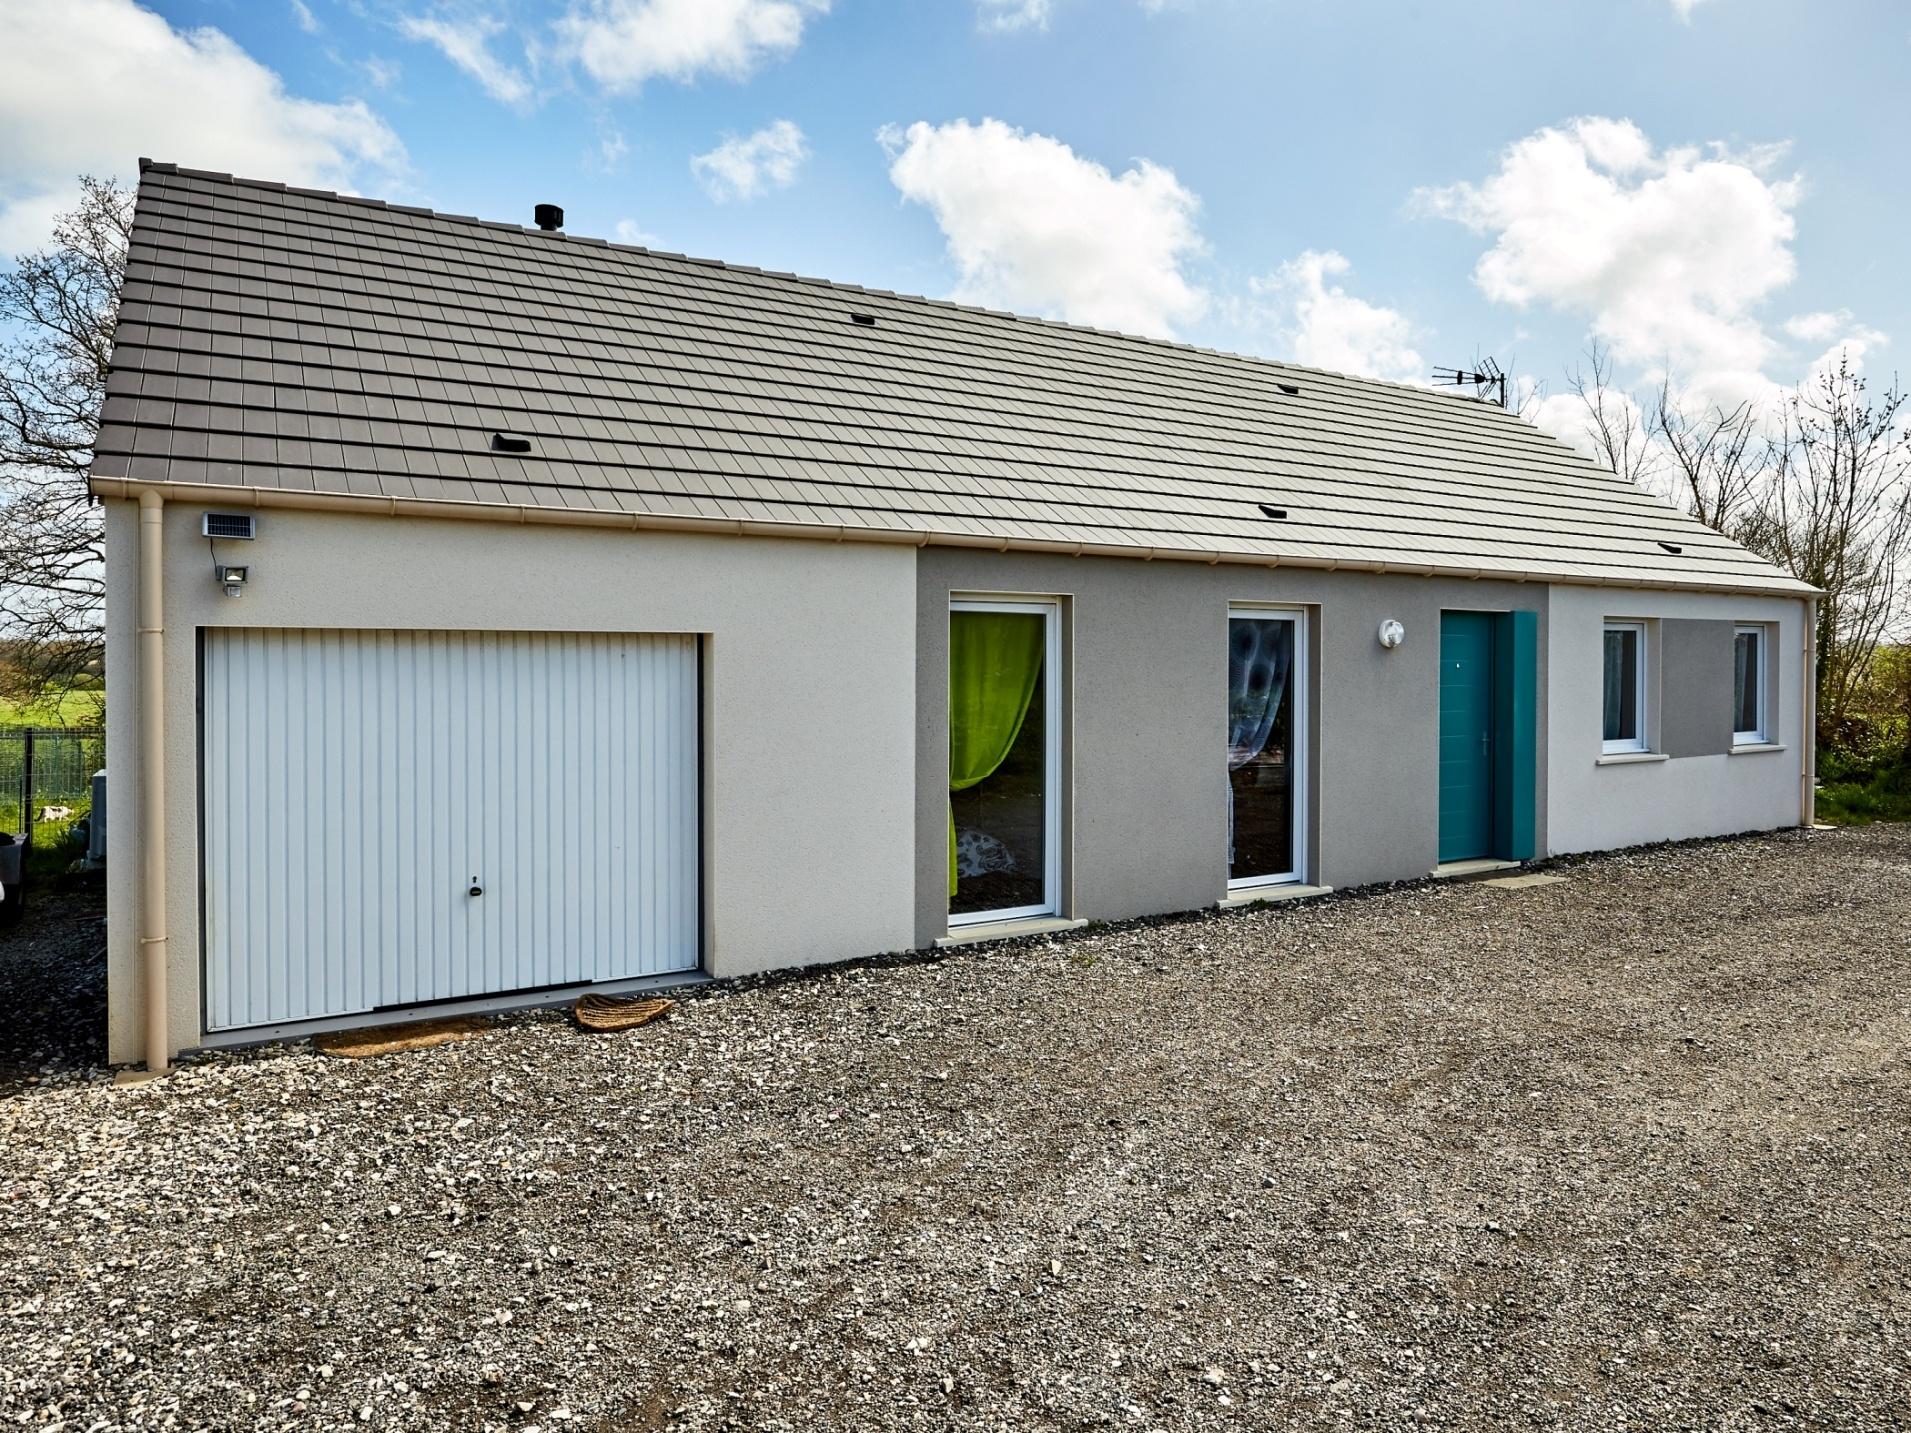 Maisons + Terrains du constructeur Maisons Phénix Le Havre • 100 m² • NOTRE DAME DE GRAVENCHON